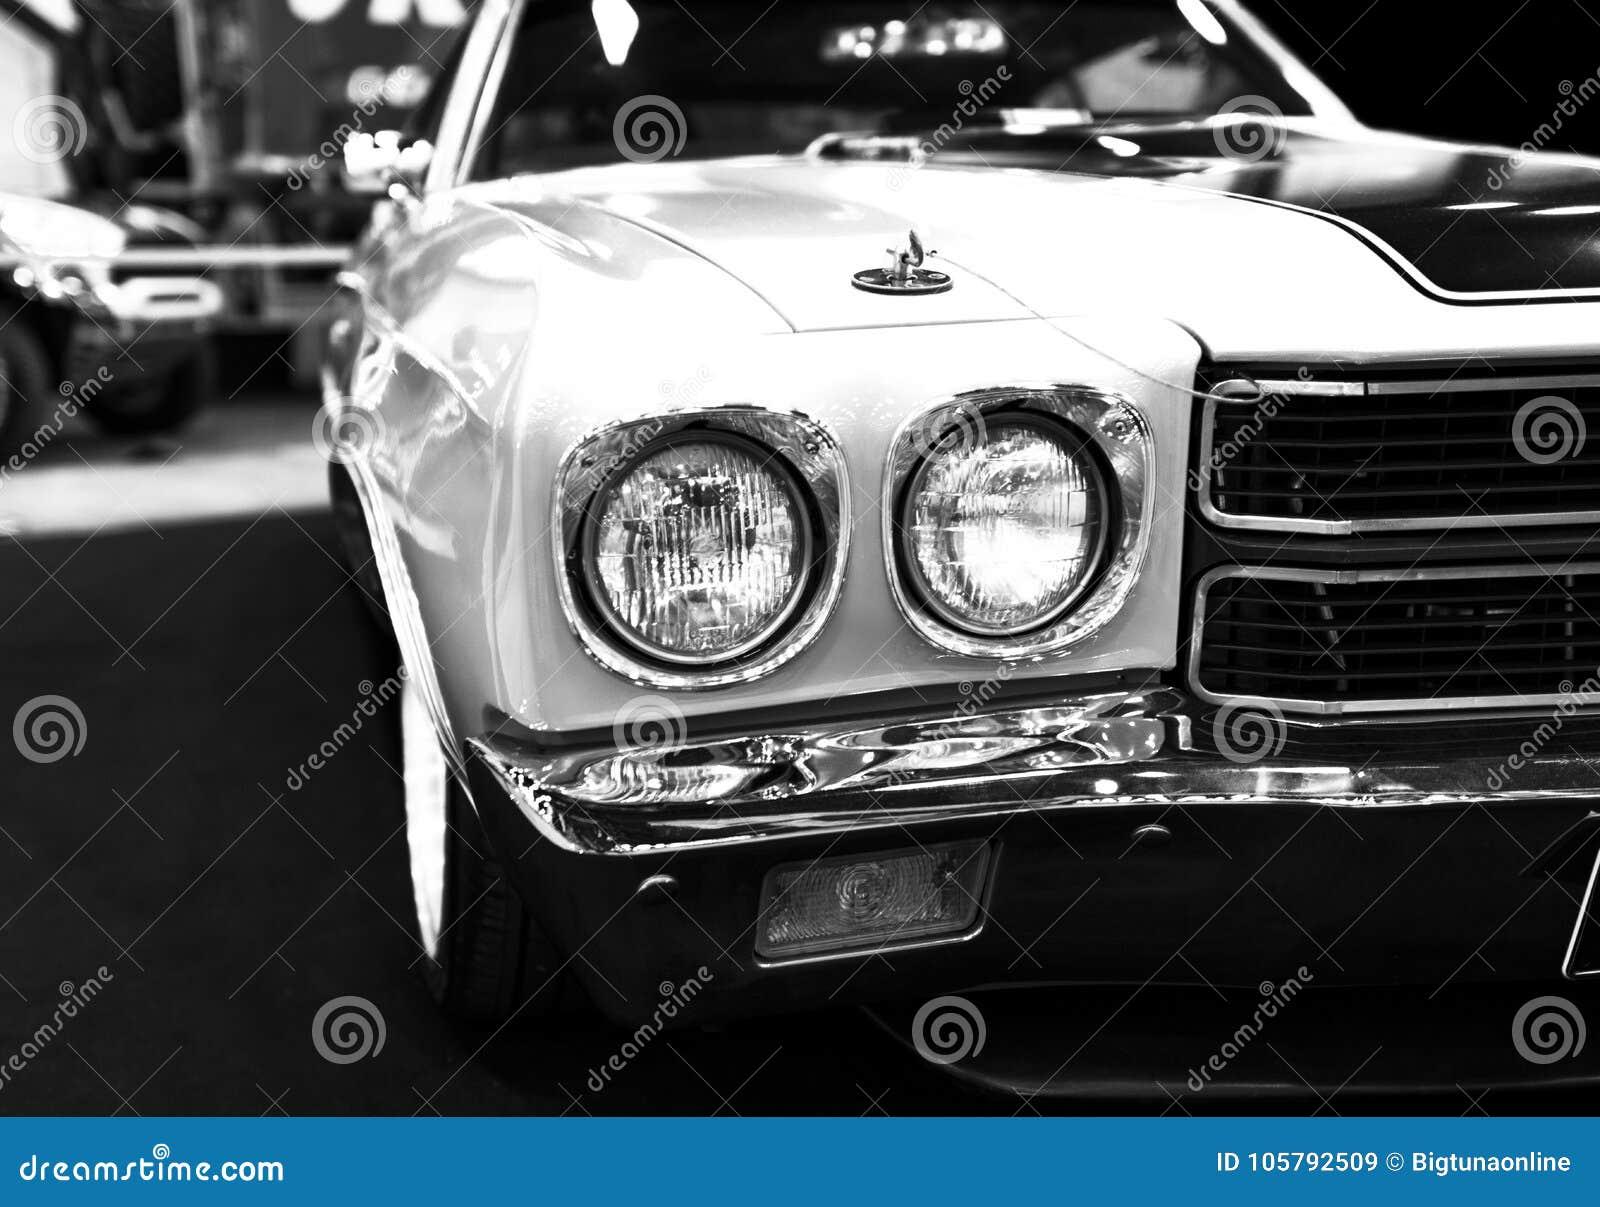 Vooraanzicht van een grote retro Amerikaanse spierauto Chevrolet Camaro SS Auto buitendetails